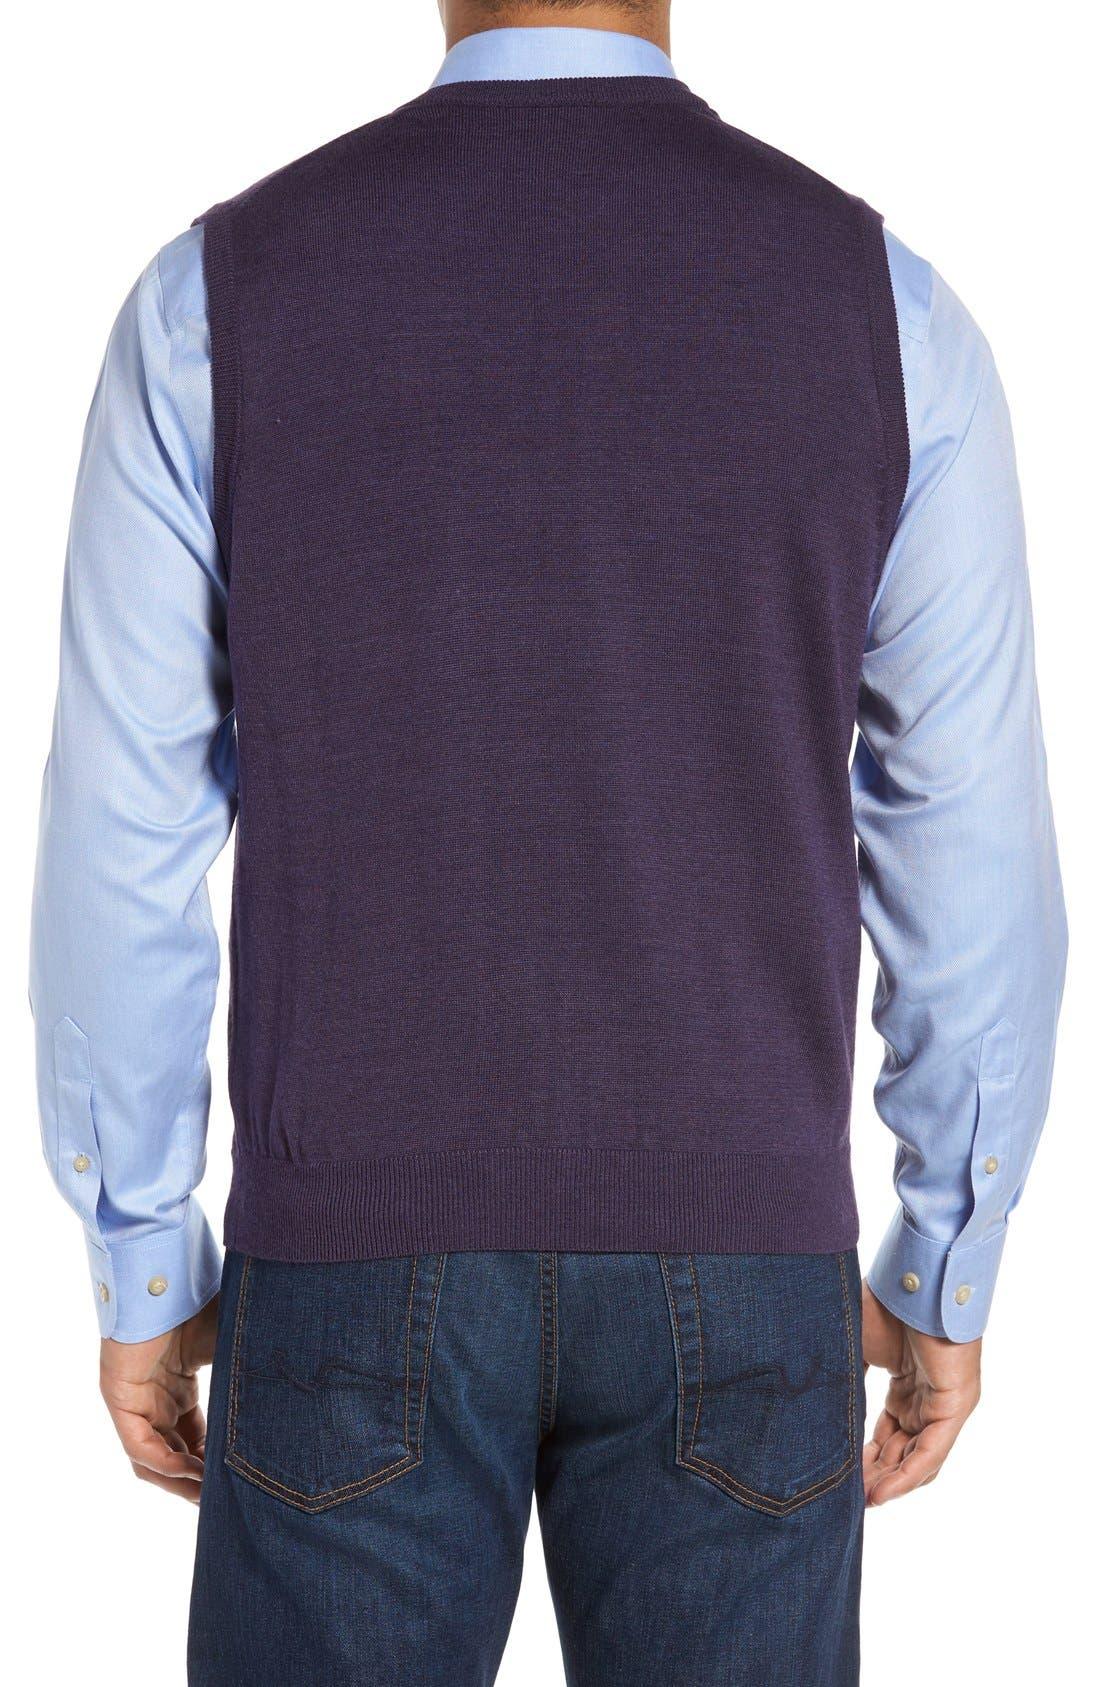 Alternate Image 2  - Cutter & Buck 'Douglas' Merino Wool Blend V-Neck Sweater Vest (Online Only)